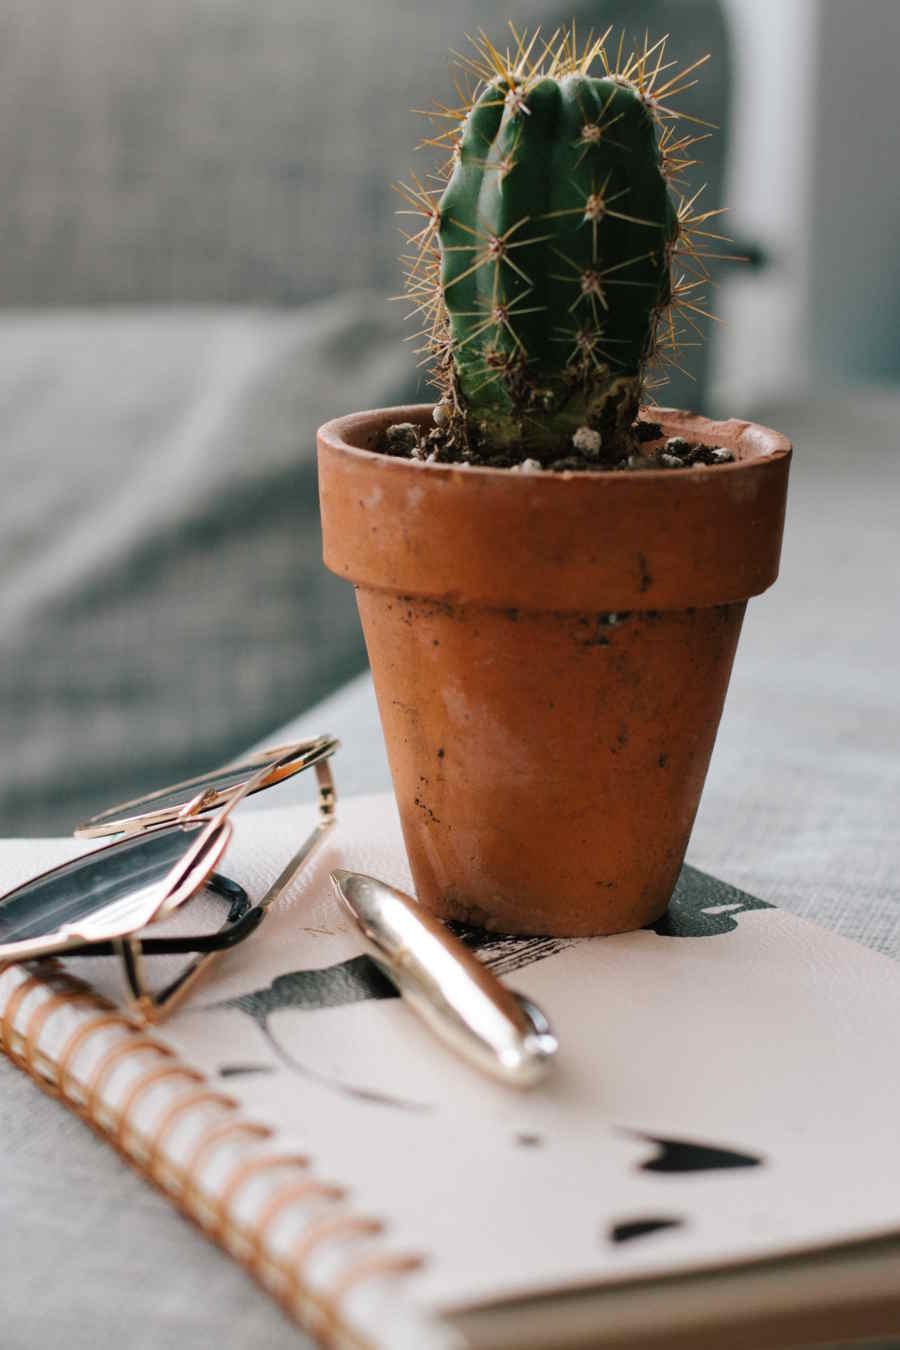 conseil pour choisir la bonne taille de pot en terre pour jardiner sur un balcon, pot de fleurs